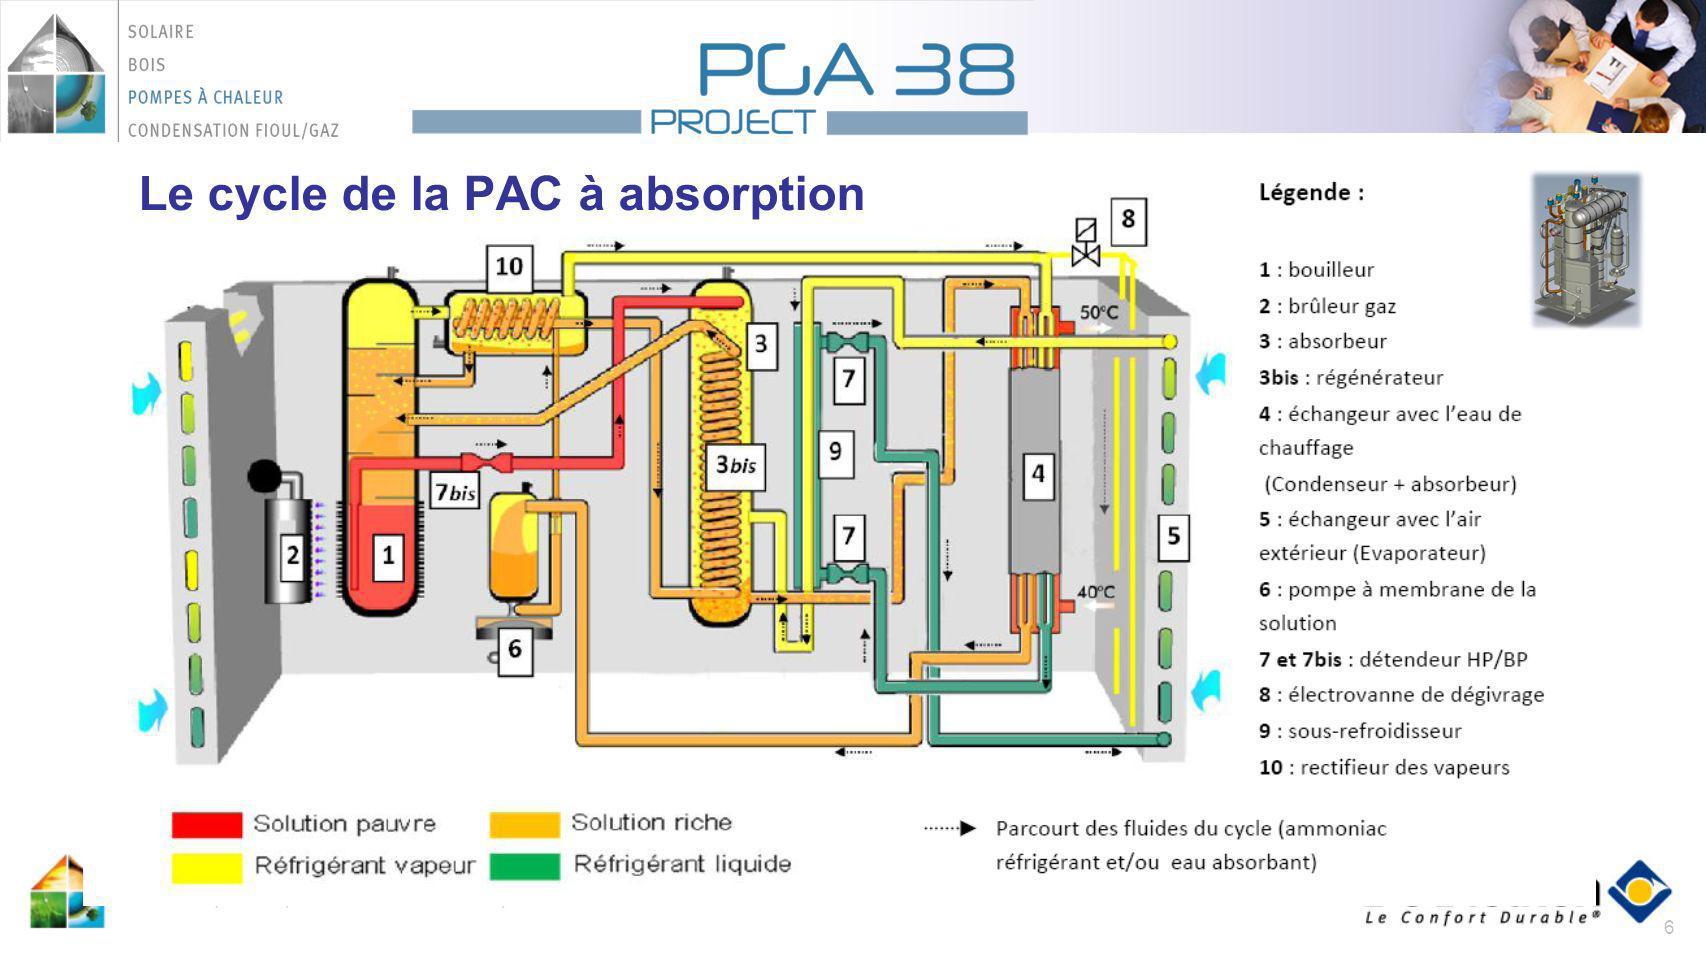 Le cycle de la PAC à absorption